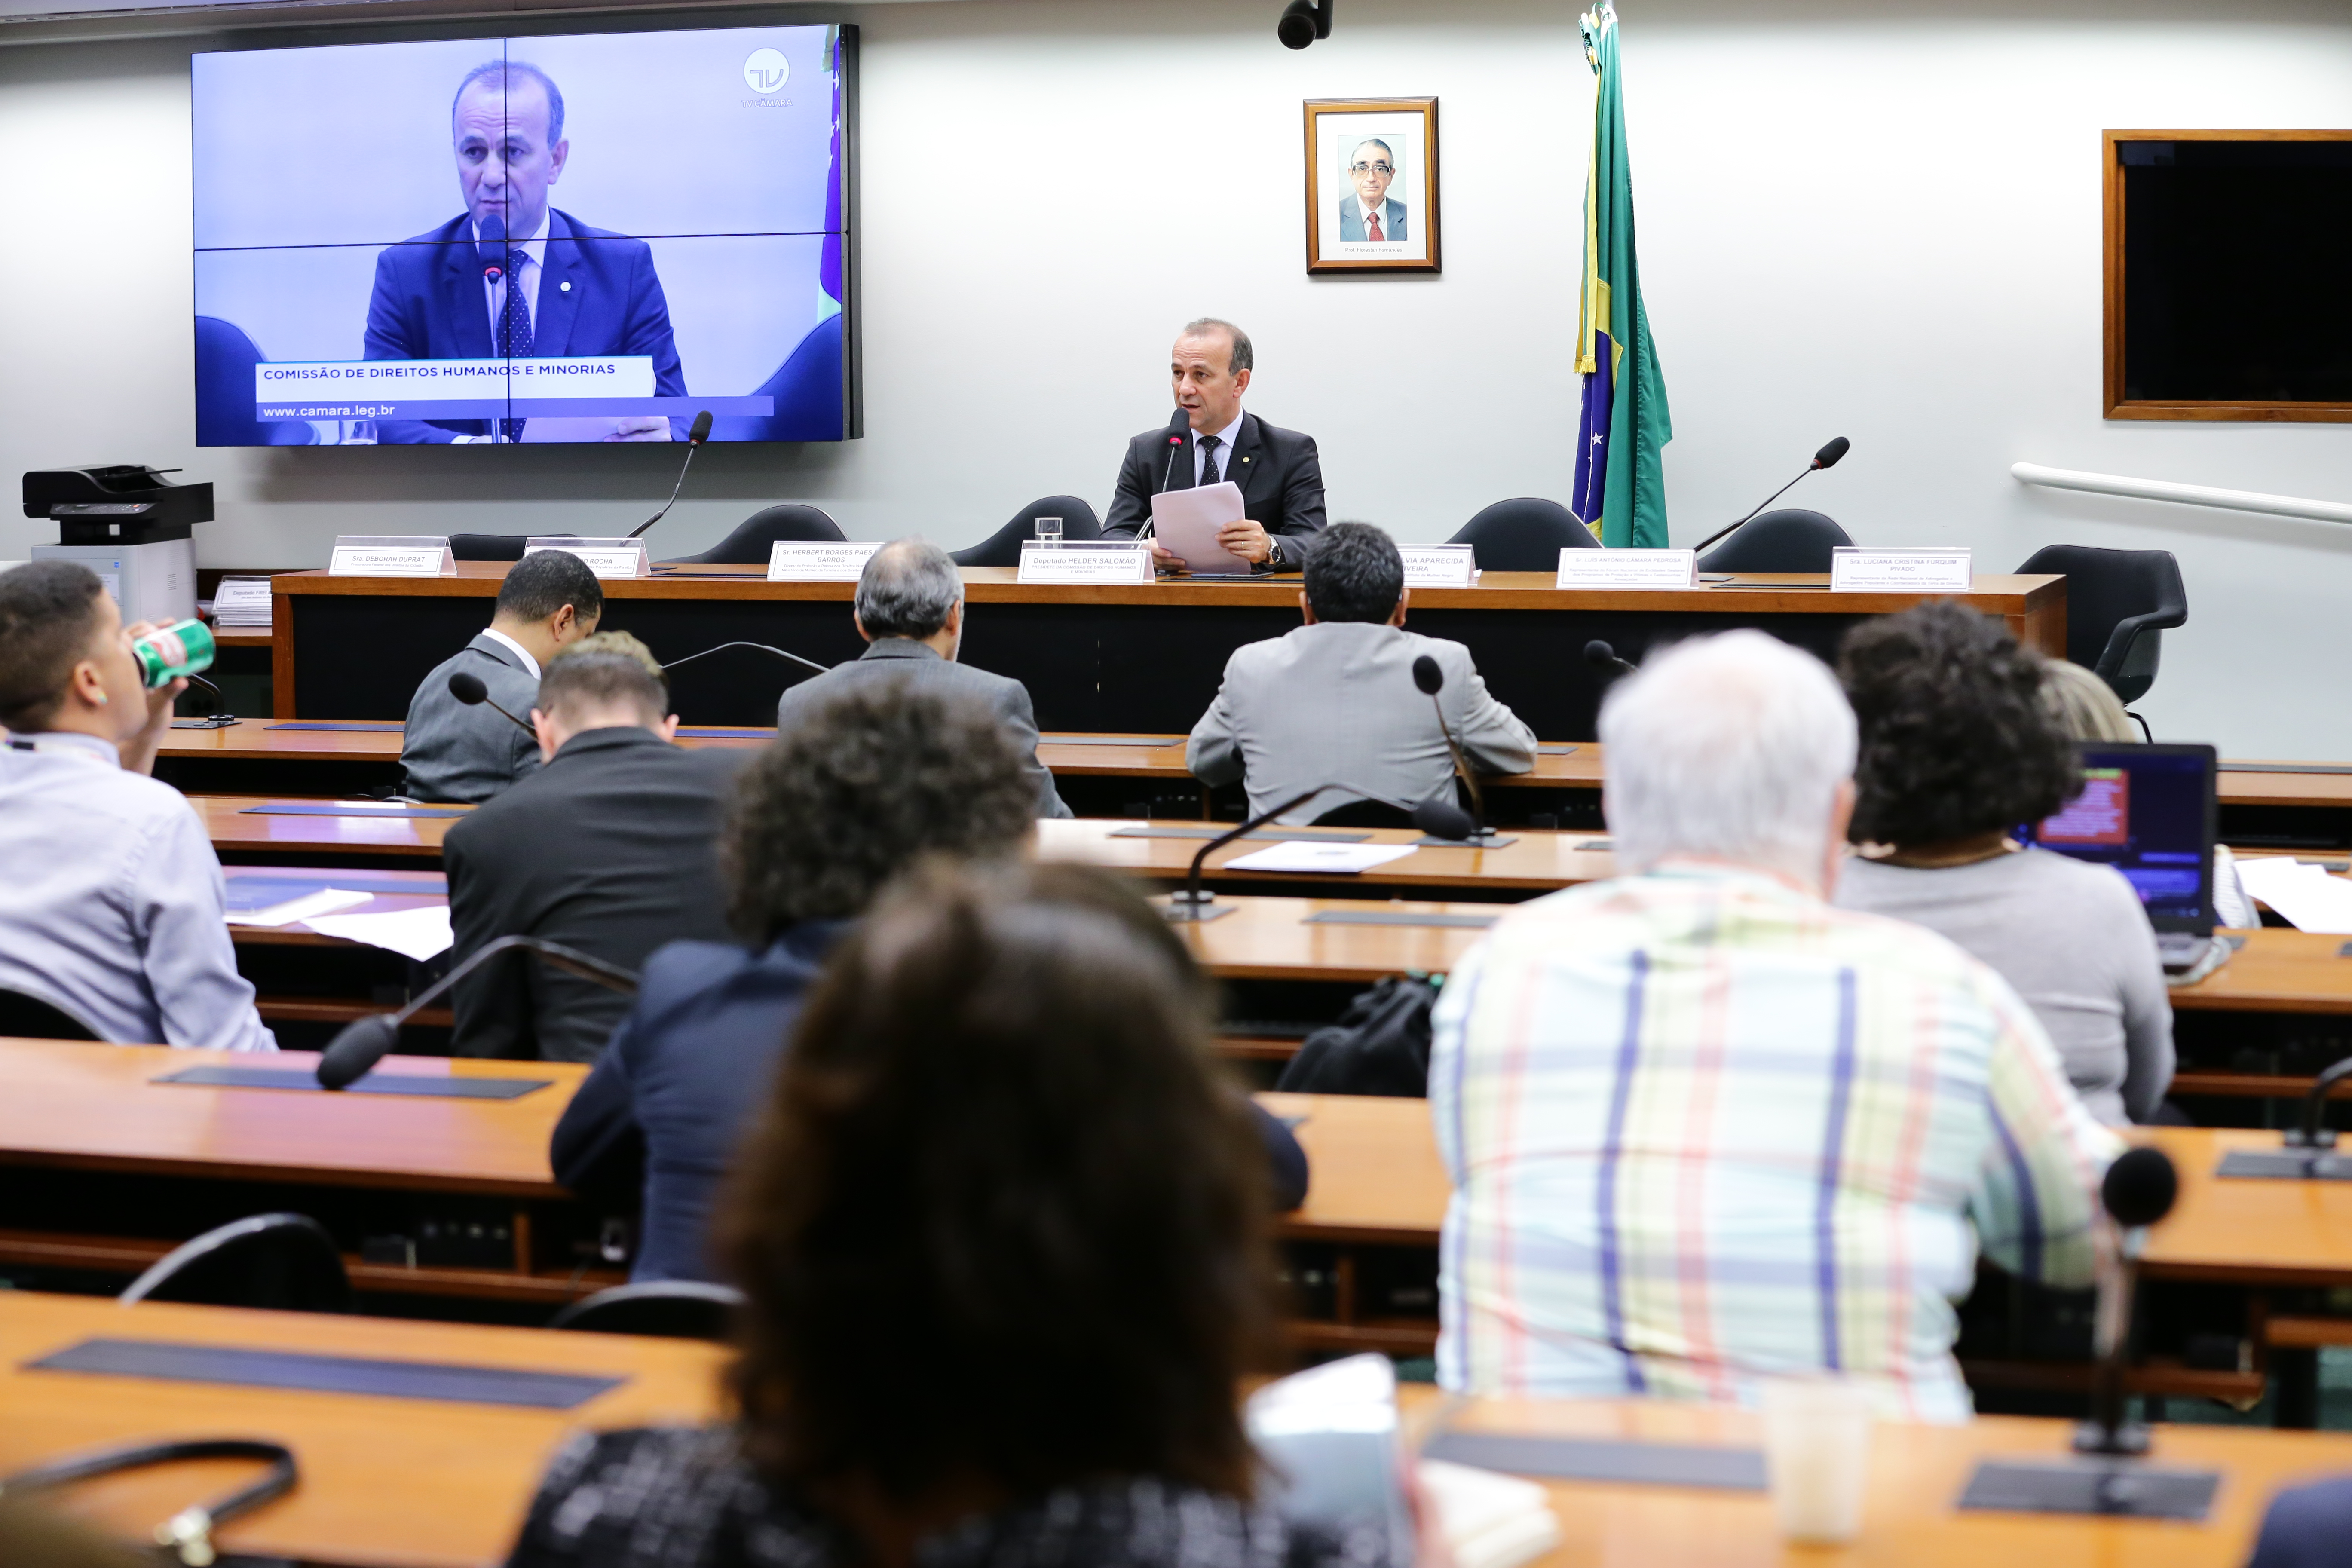 Audiência pública sobre a perseguição e violência contra defensores de direitos humanos no Brasil